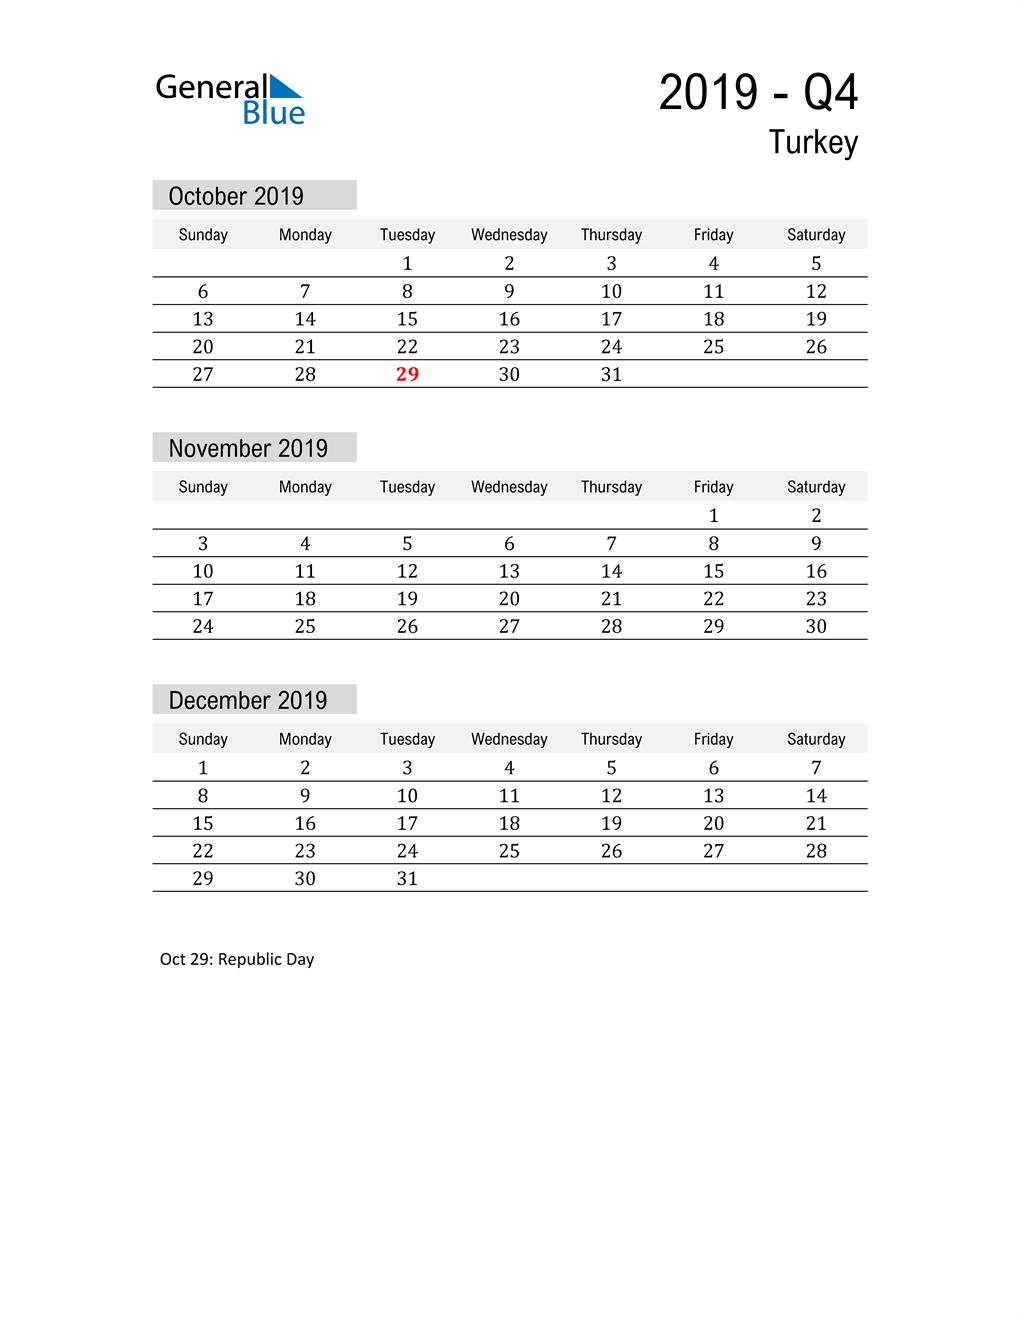 Turkey Quarter 4 2019 Calendar